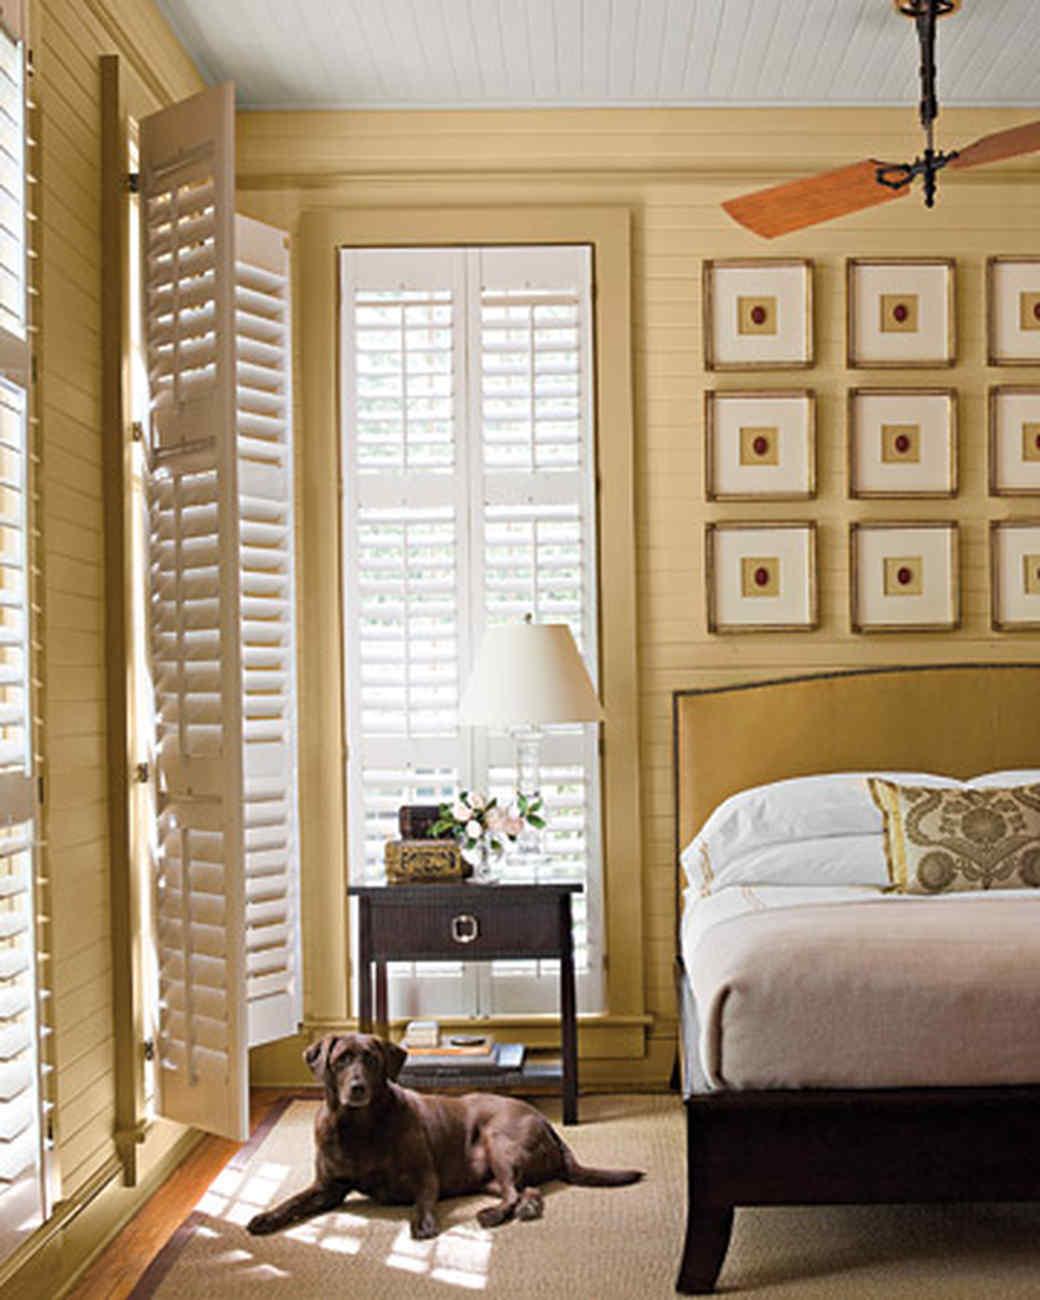 mld104004_0808_bedroom.jpg